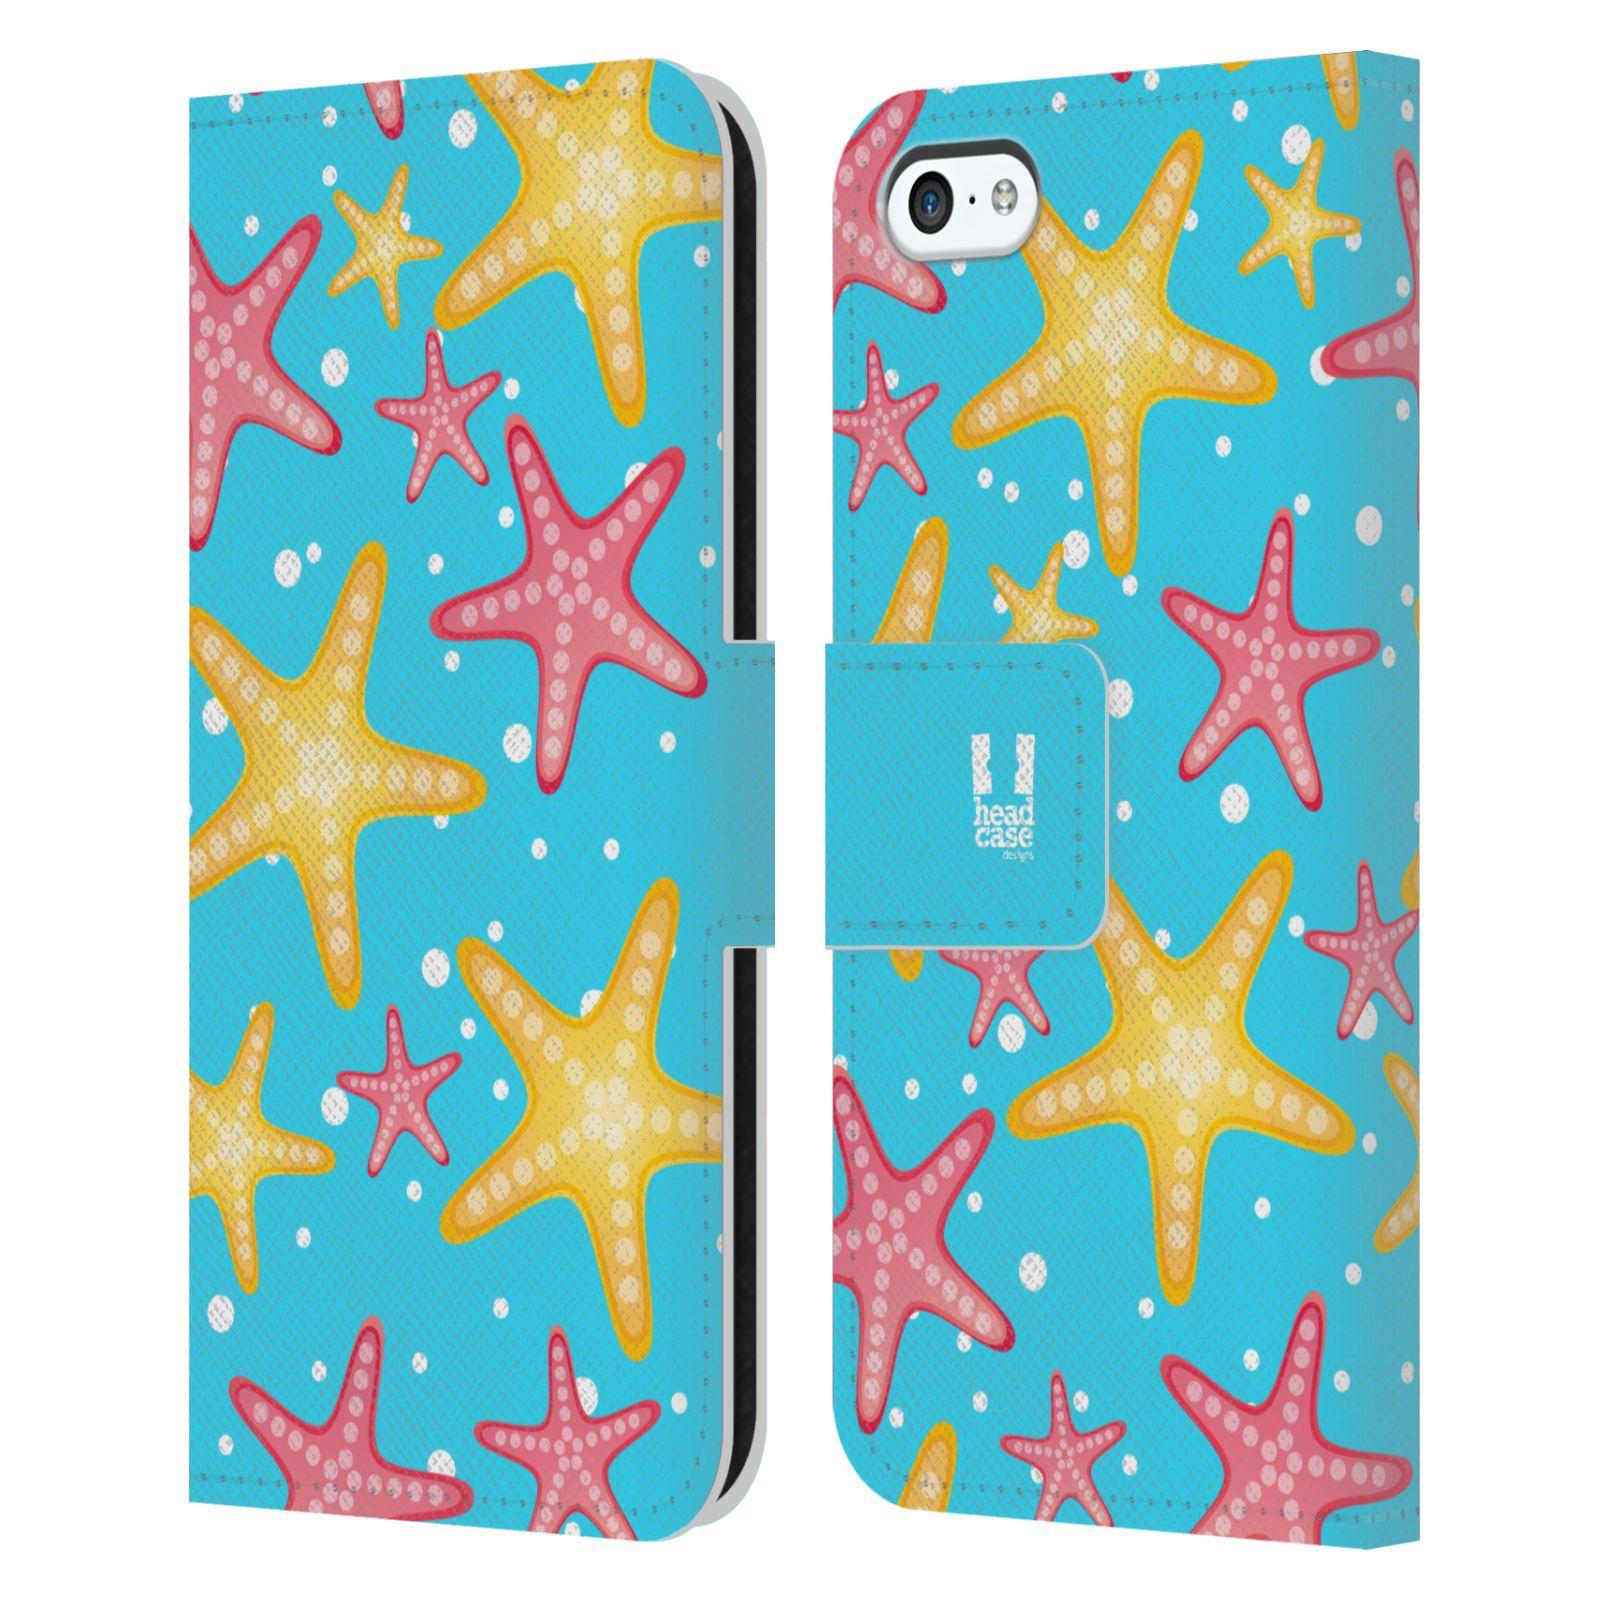 HEAD CASE Flipové pouzdro pro mobil Apple Iphone 5C Mořský živočich hvězdice modrá barva pozadí